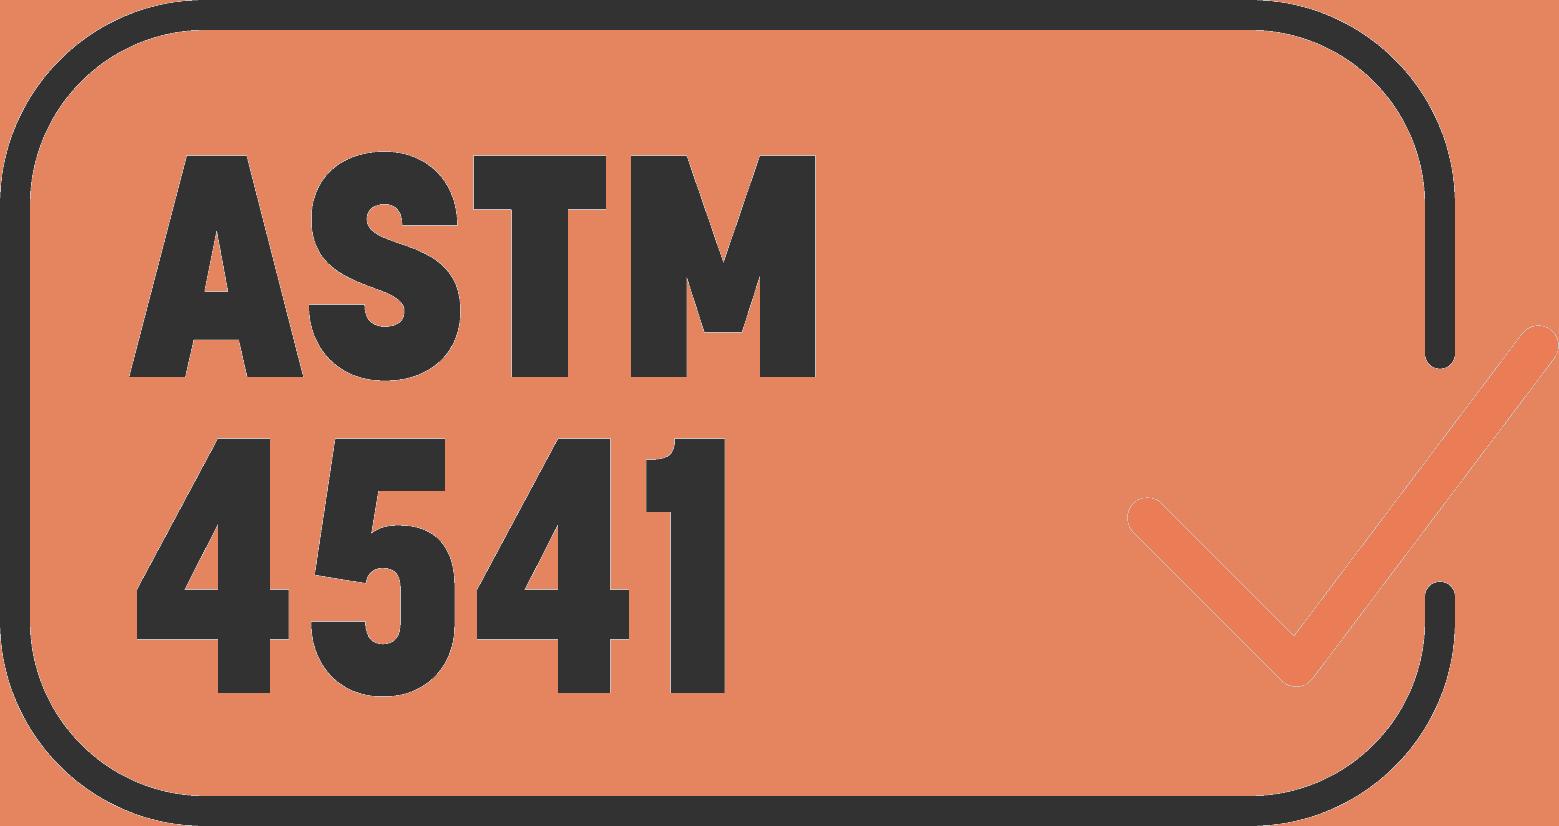 ASTM 4541